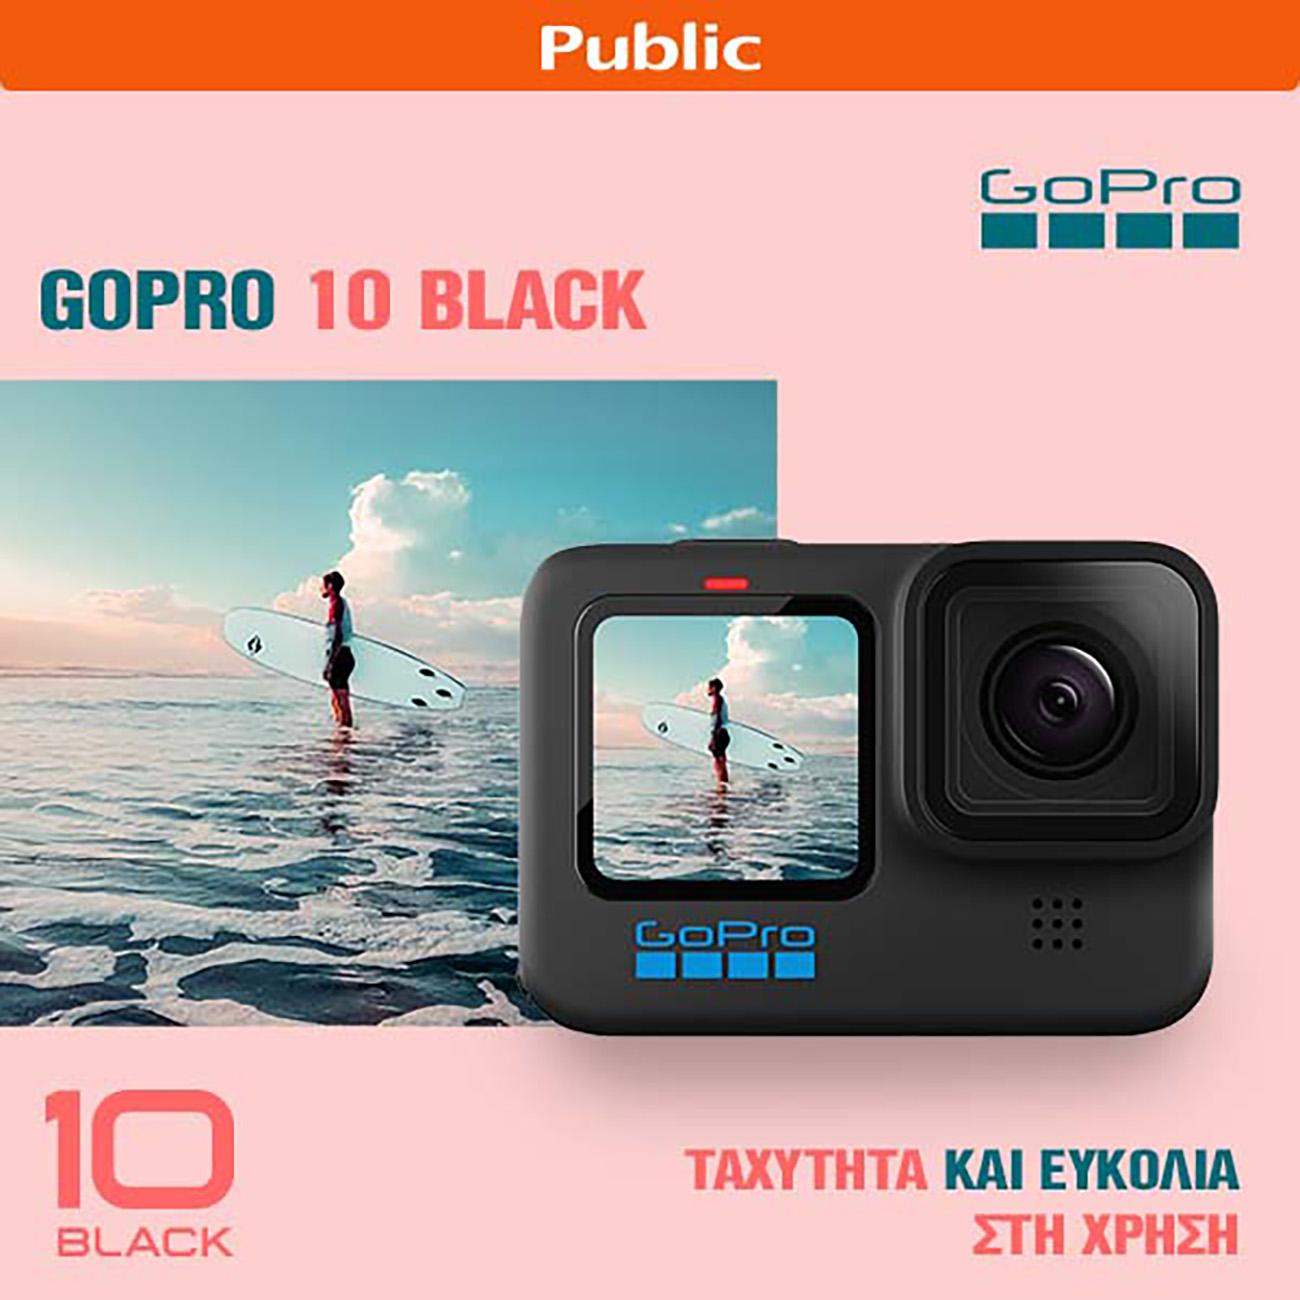 Το Public υποδέχεται τη διάσημη action camera GoPro HERO10 Black